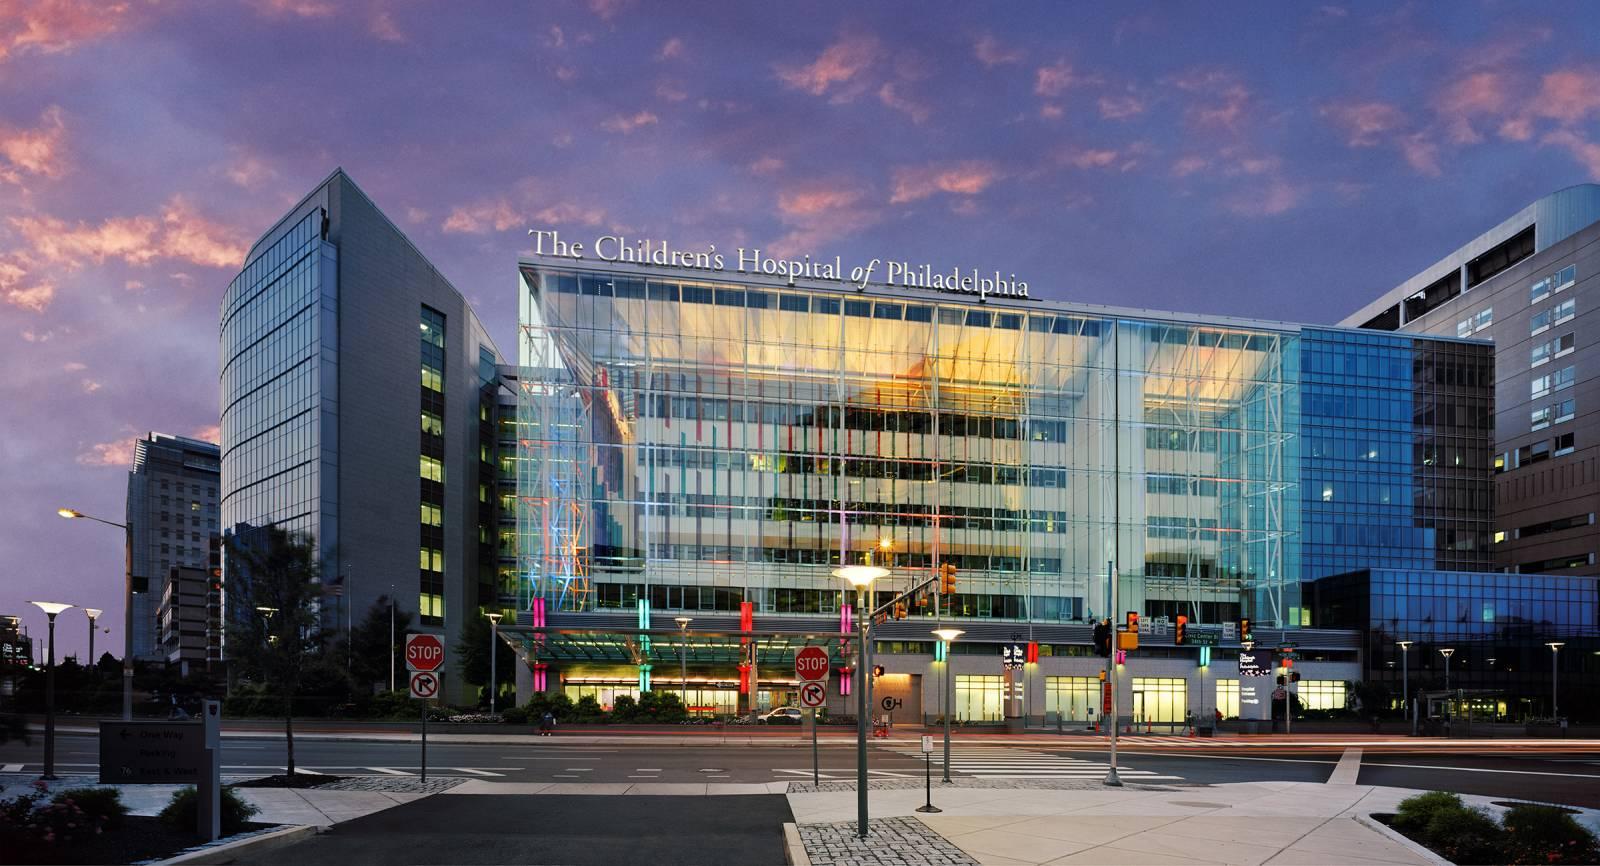 Niños - s Hospital of Philadelphia (enfermedades mitocondriales humanos)